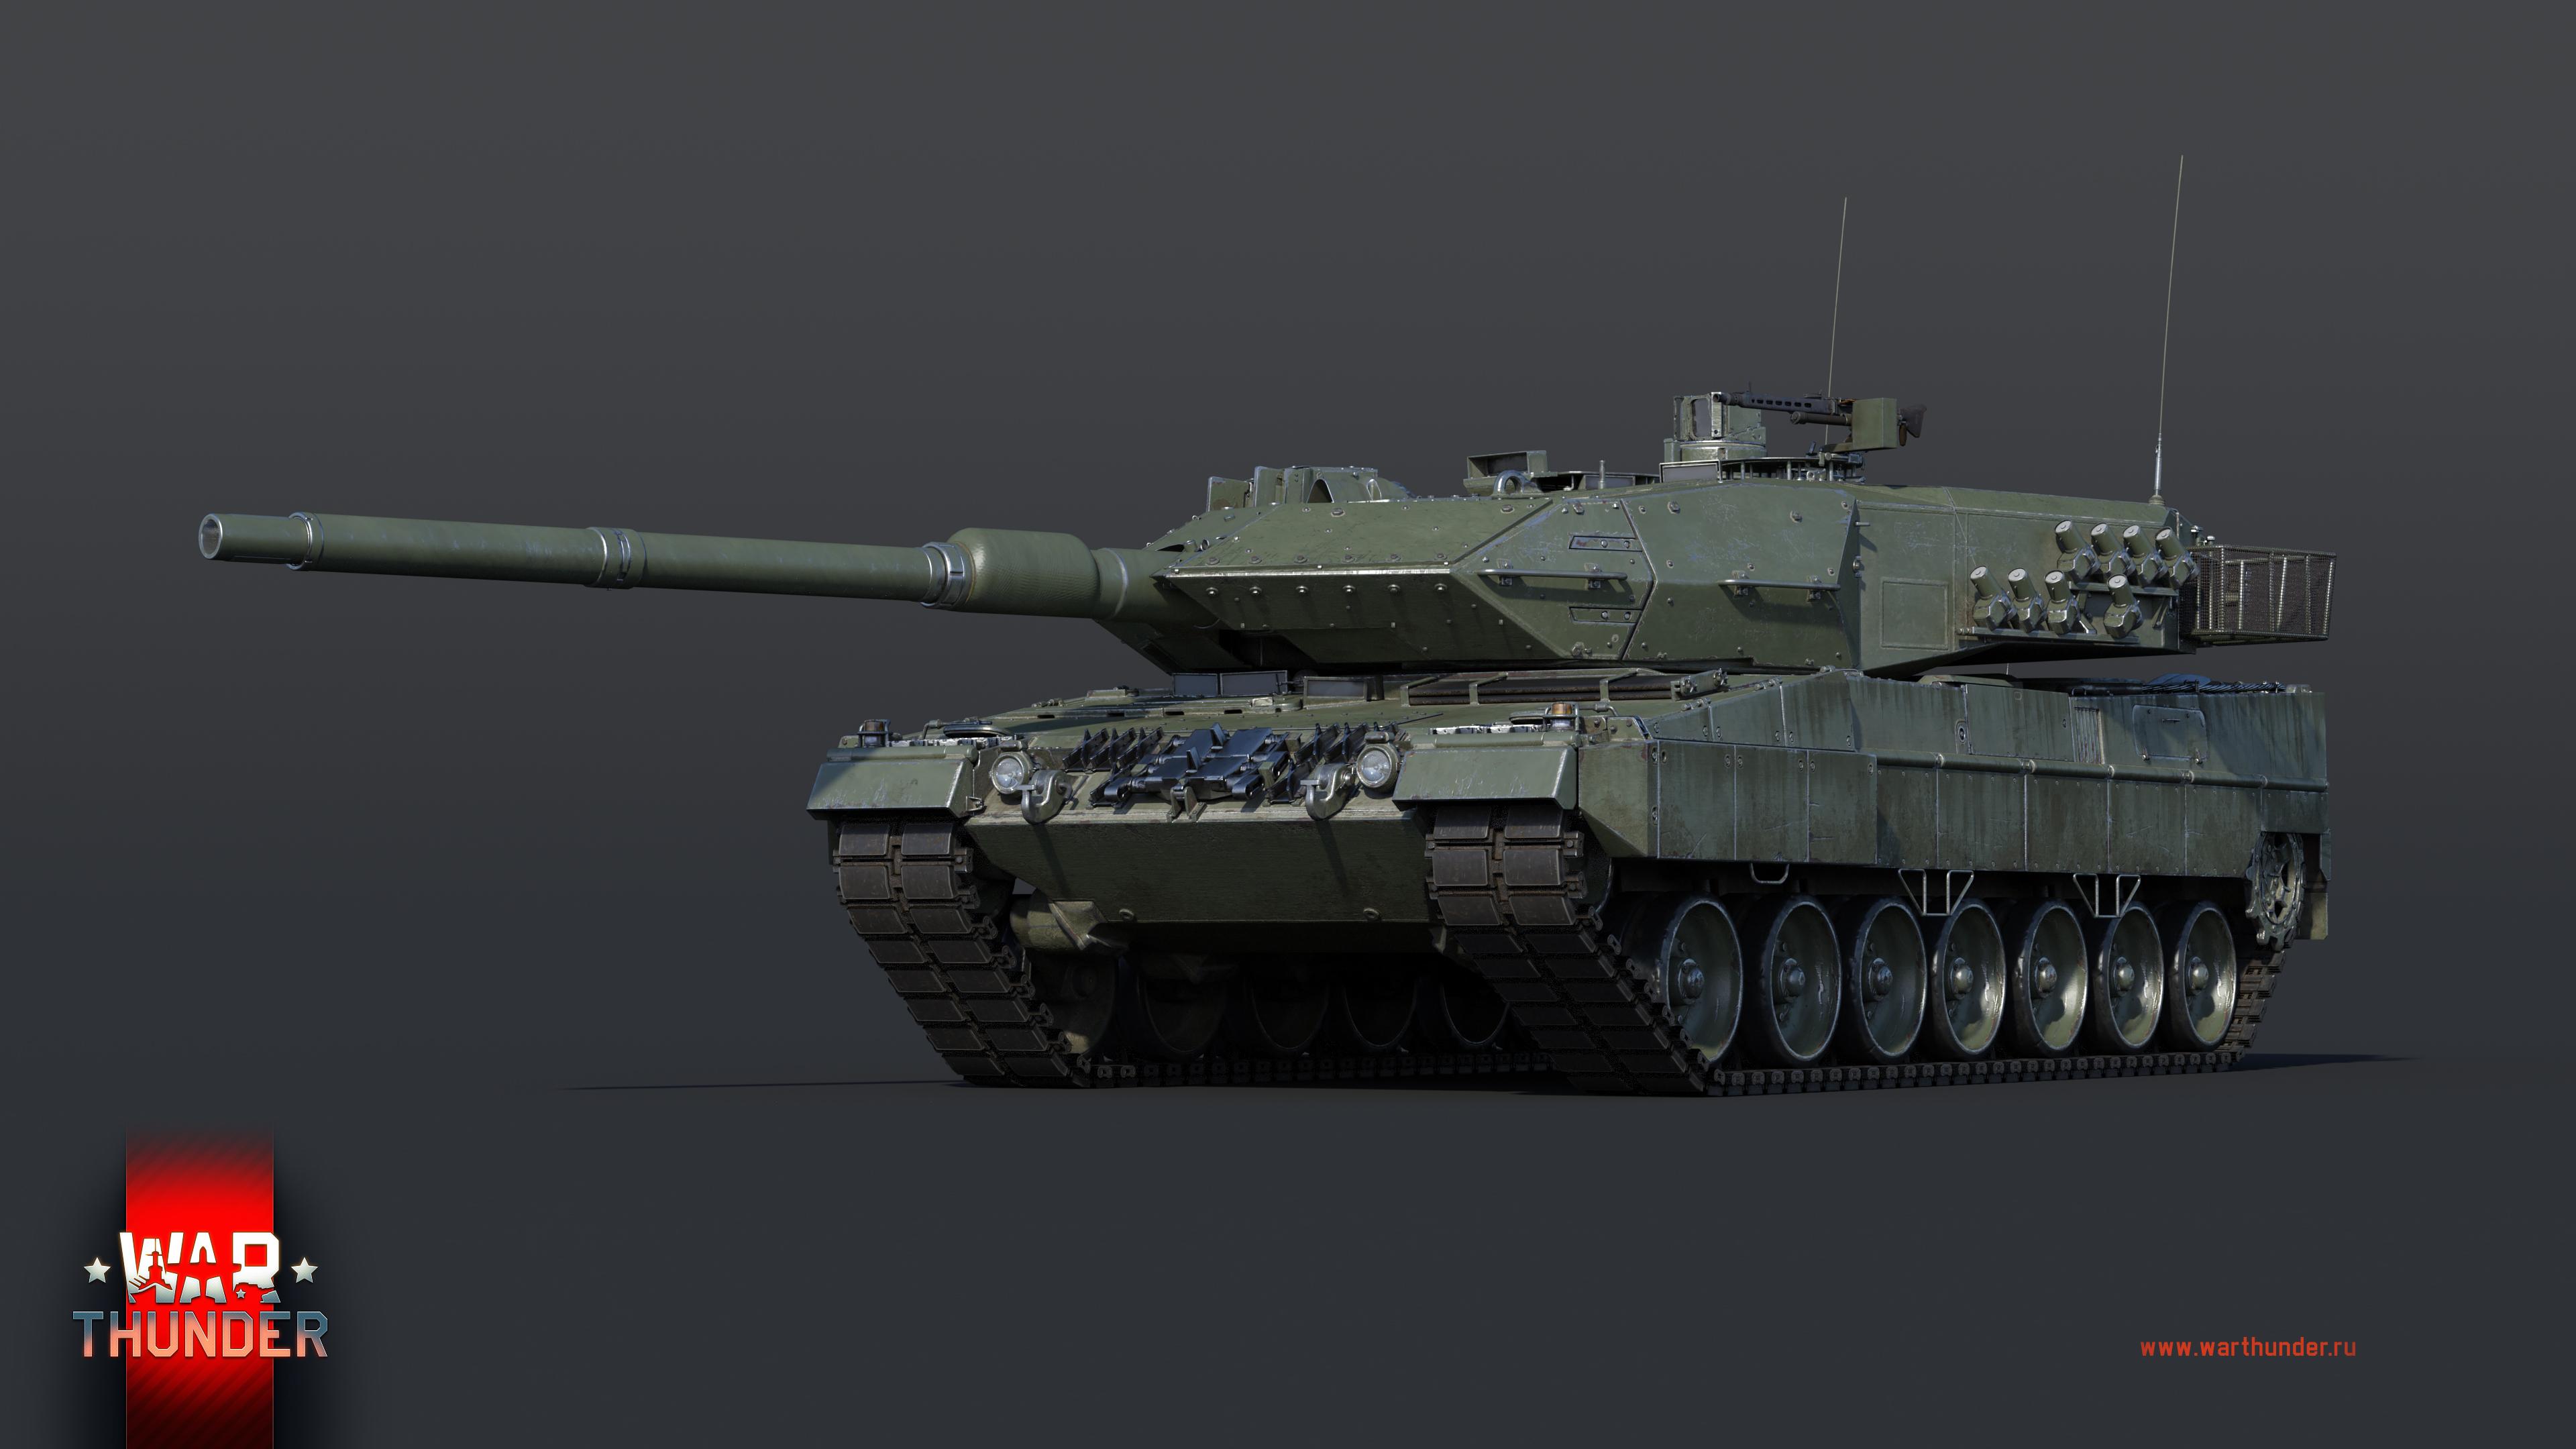 leopard_2a6_3840x2160_logo_ru_4c11977682